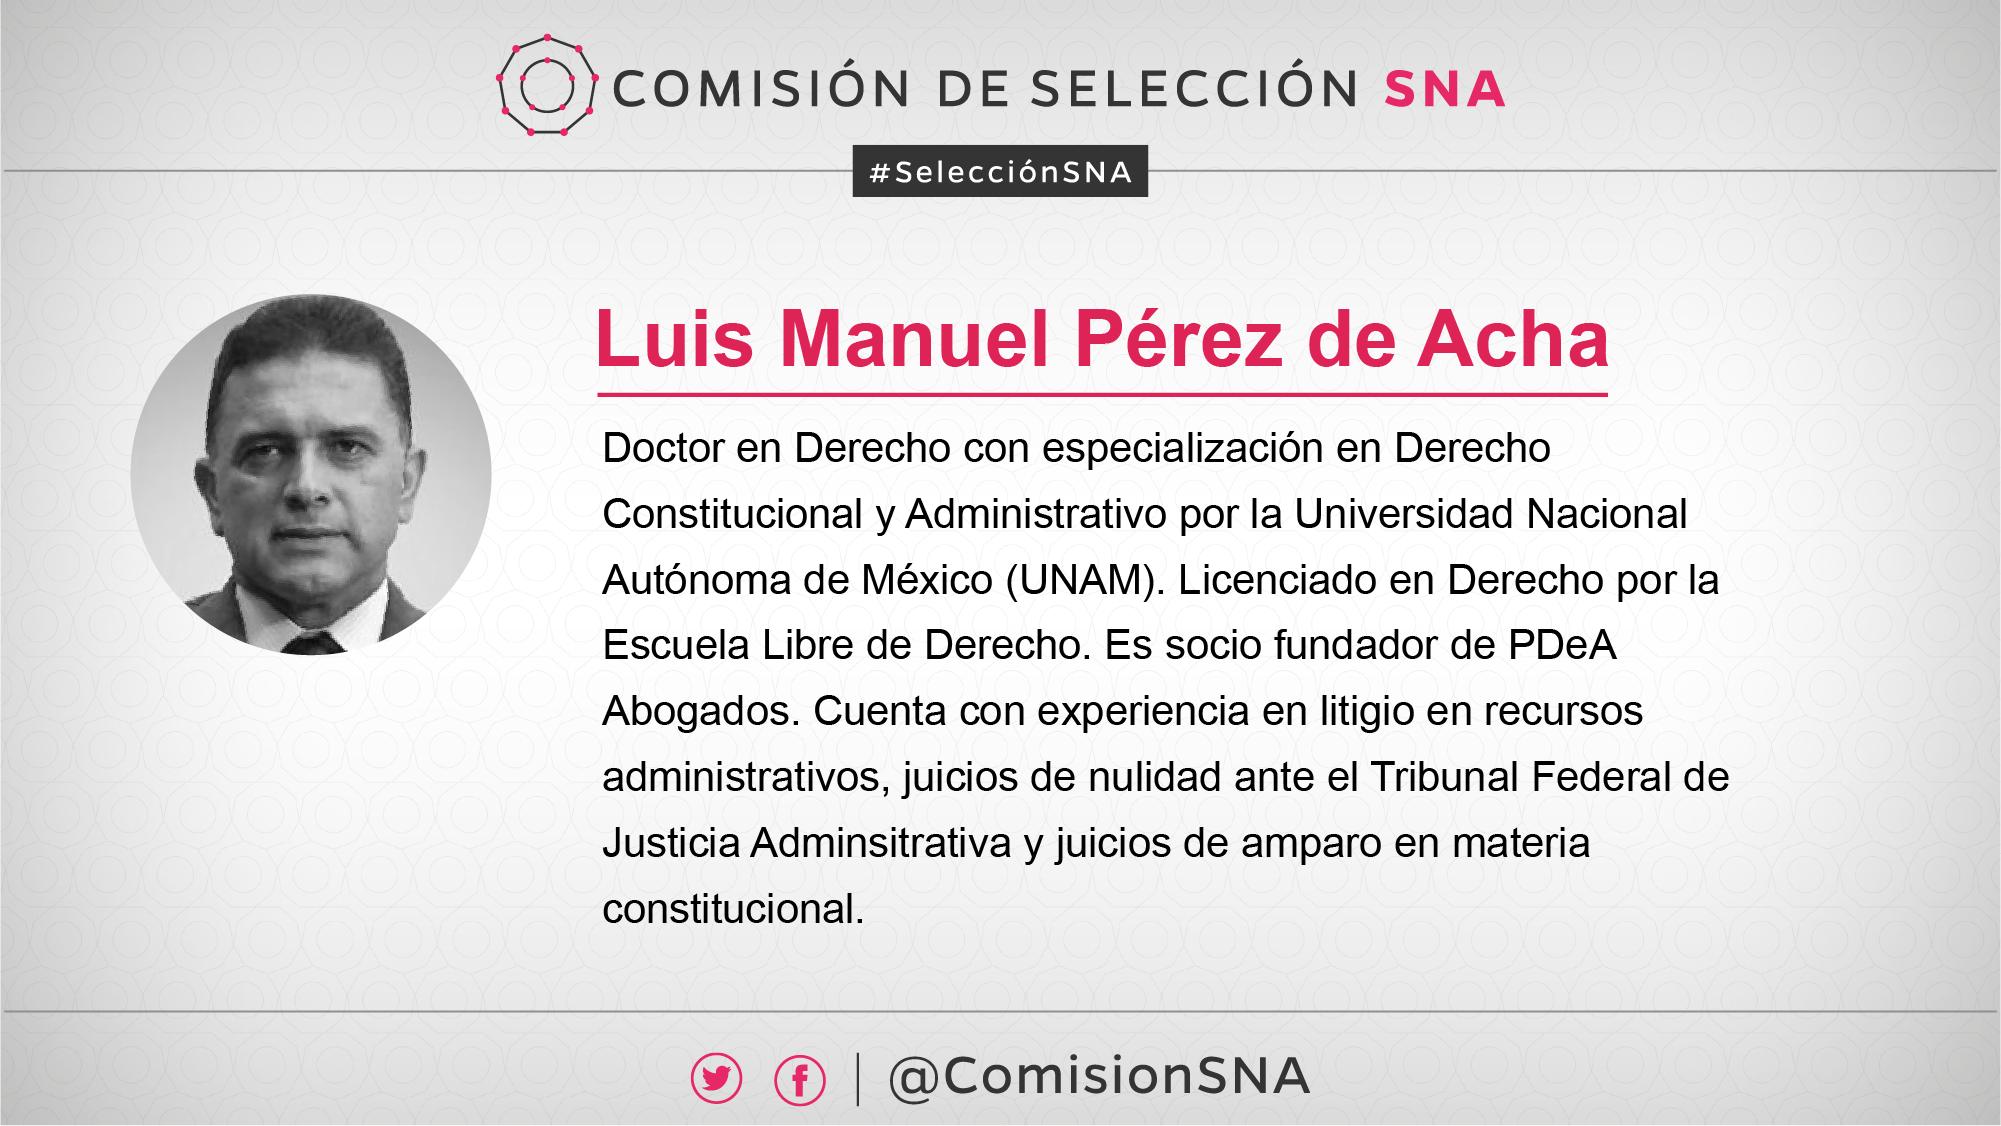 Semblanza_Luis_Manuel_PerezdeAcha